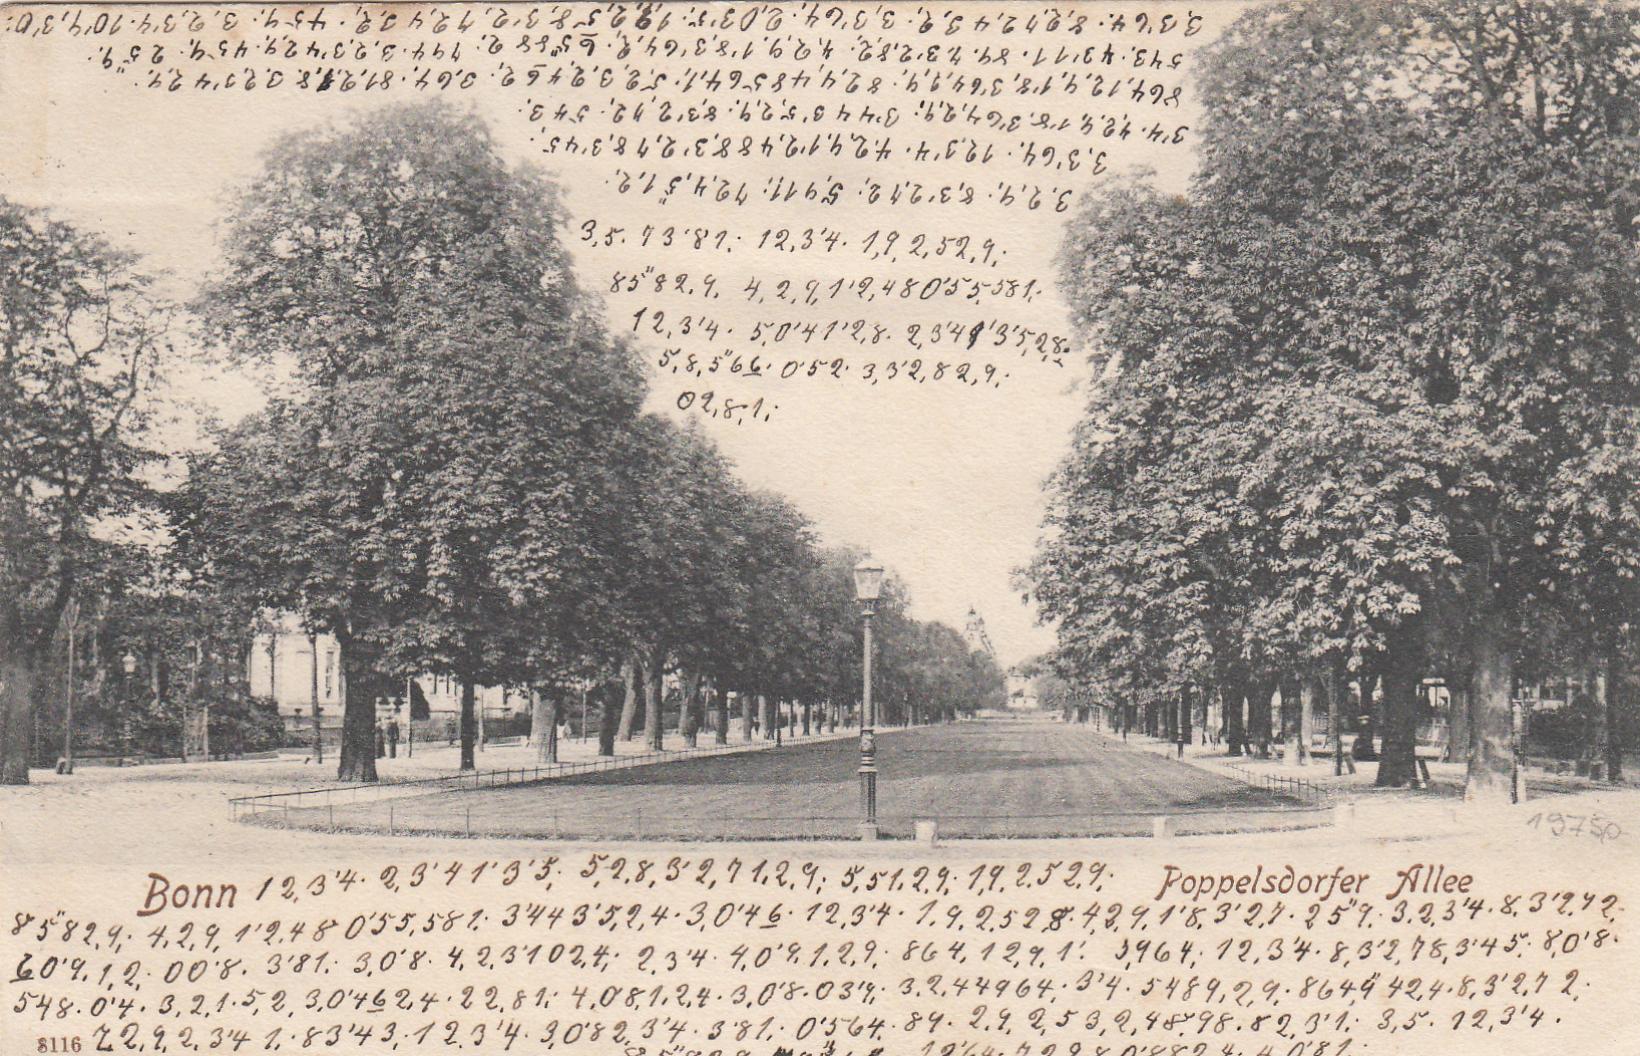 Postkarte-Bonn